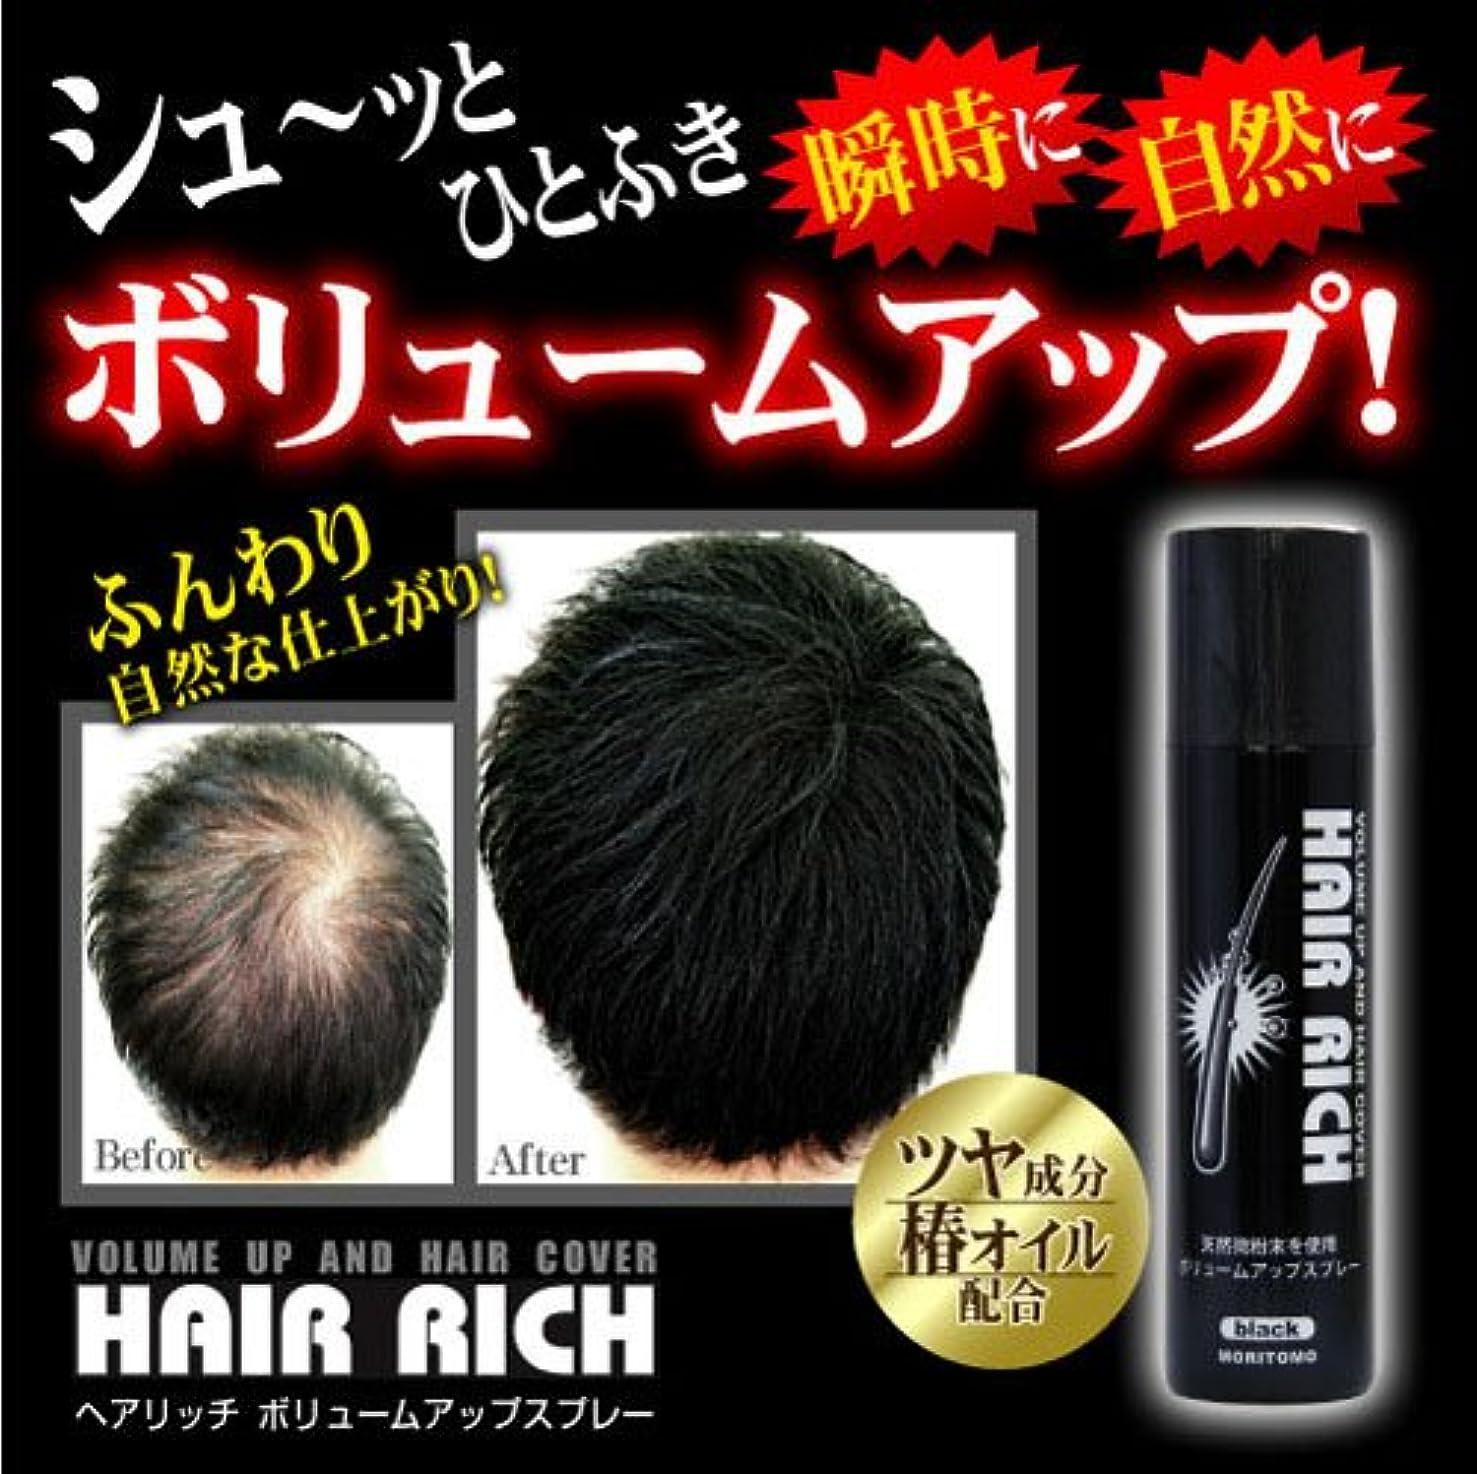 最高生む表示ヘアリッチ ボリュームアップスプレー【HAIR RICH】 育毛剤 発毛剤 増毛剤 増毛 スプレー